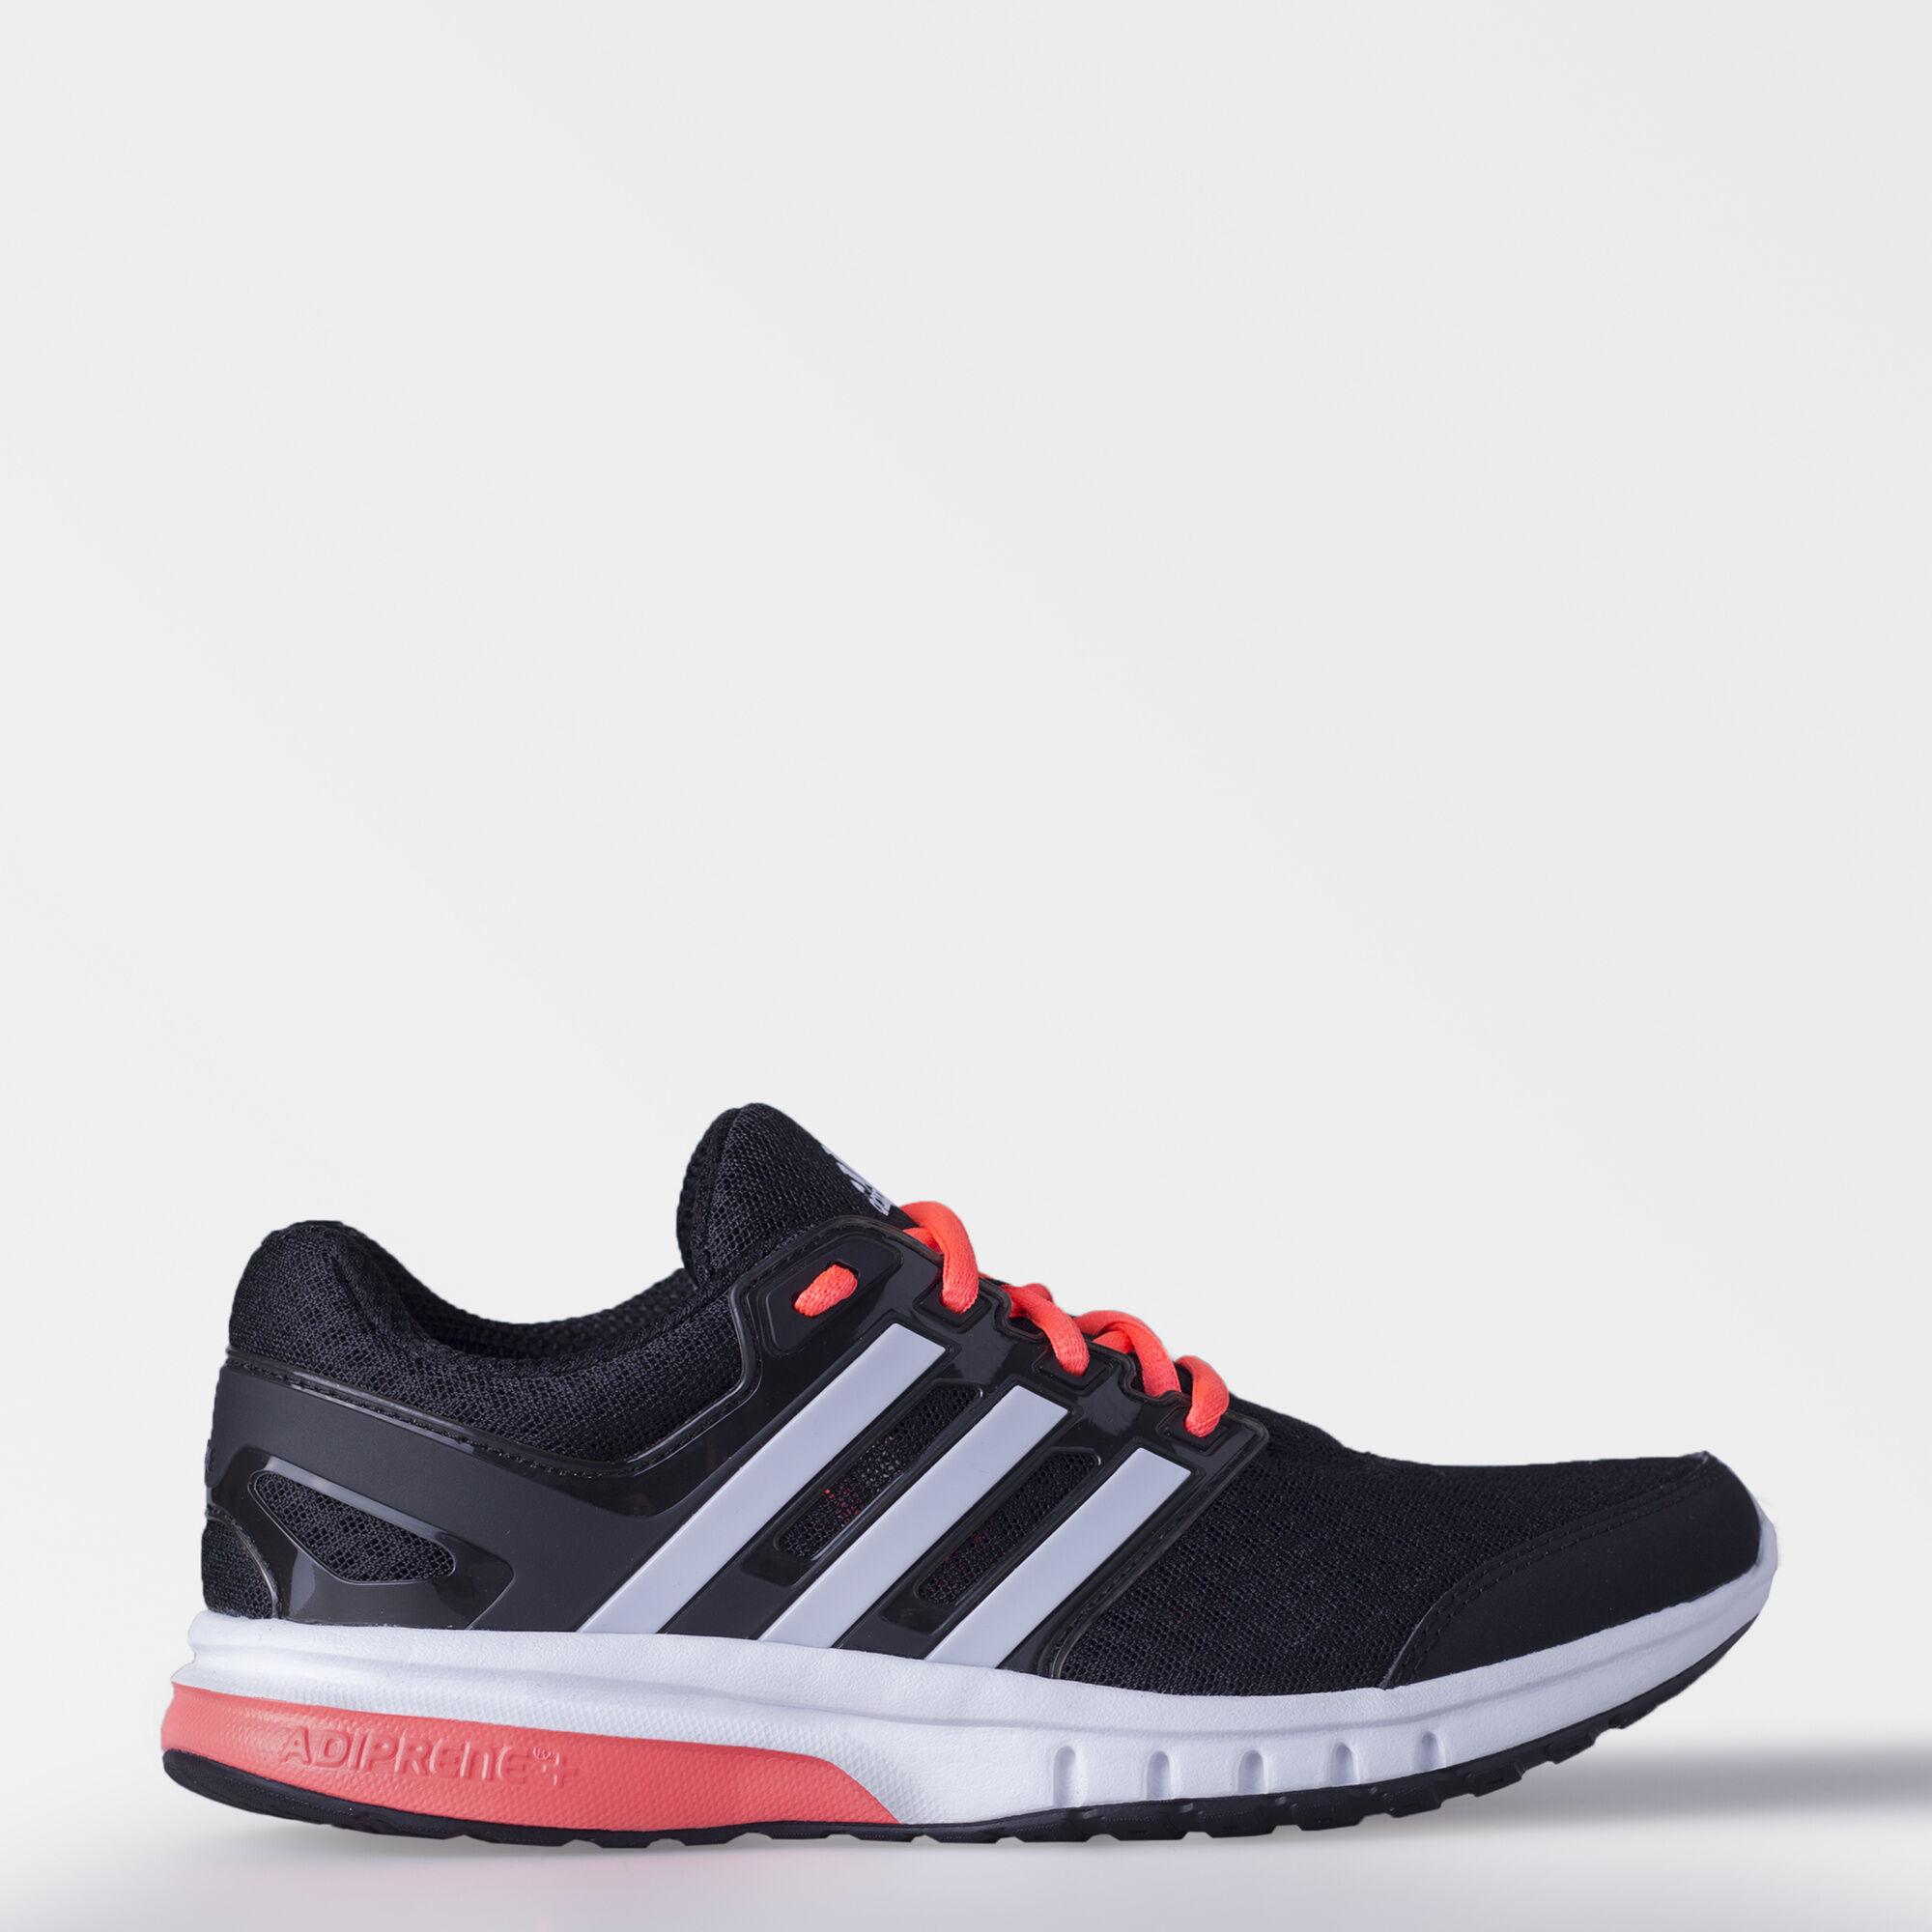 Adidas Galaxy Elite 2w